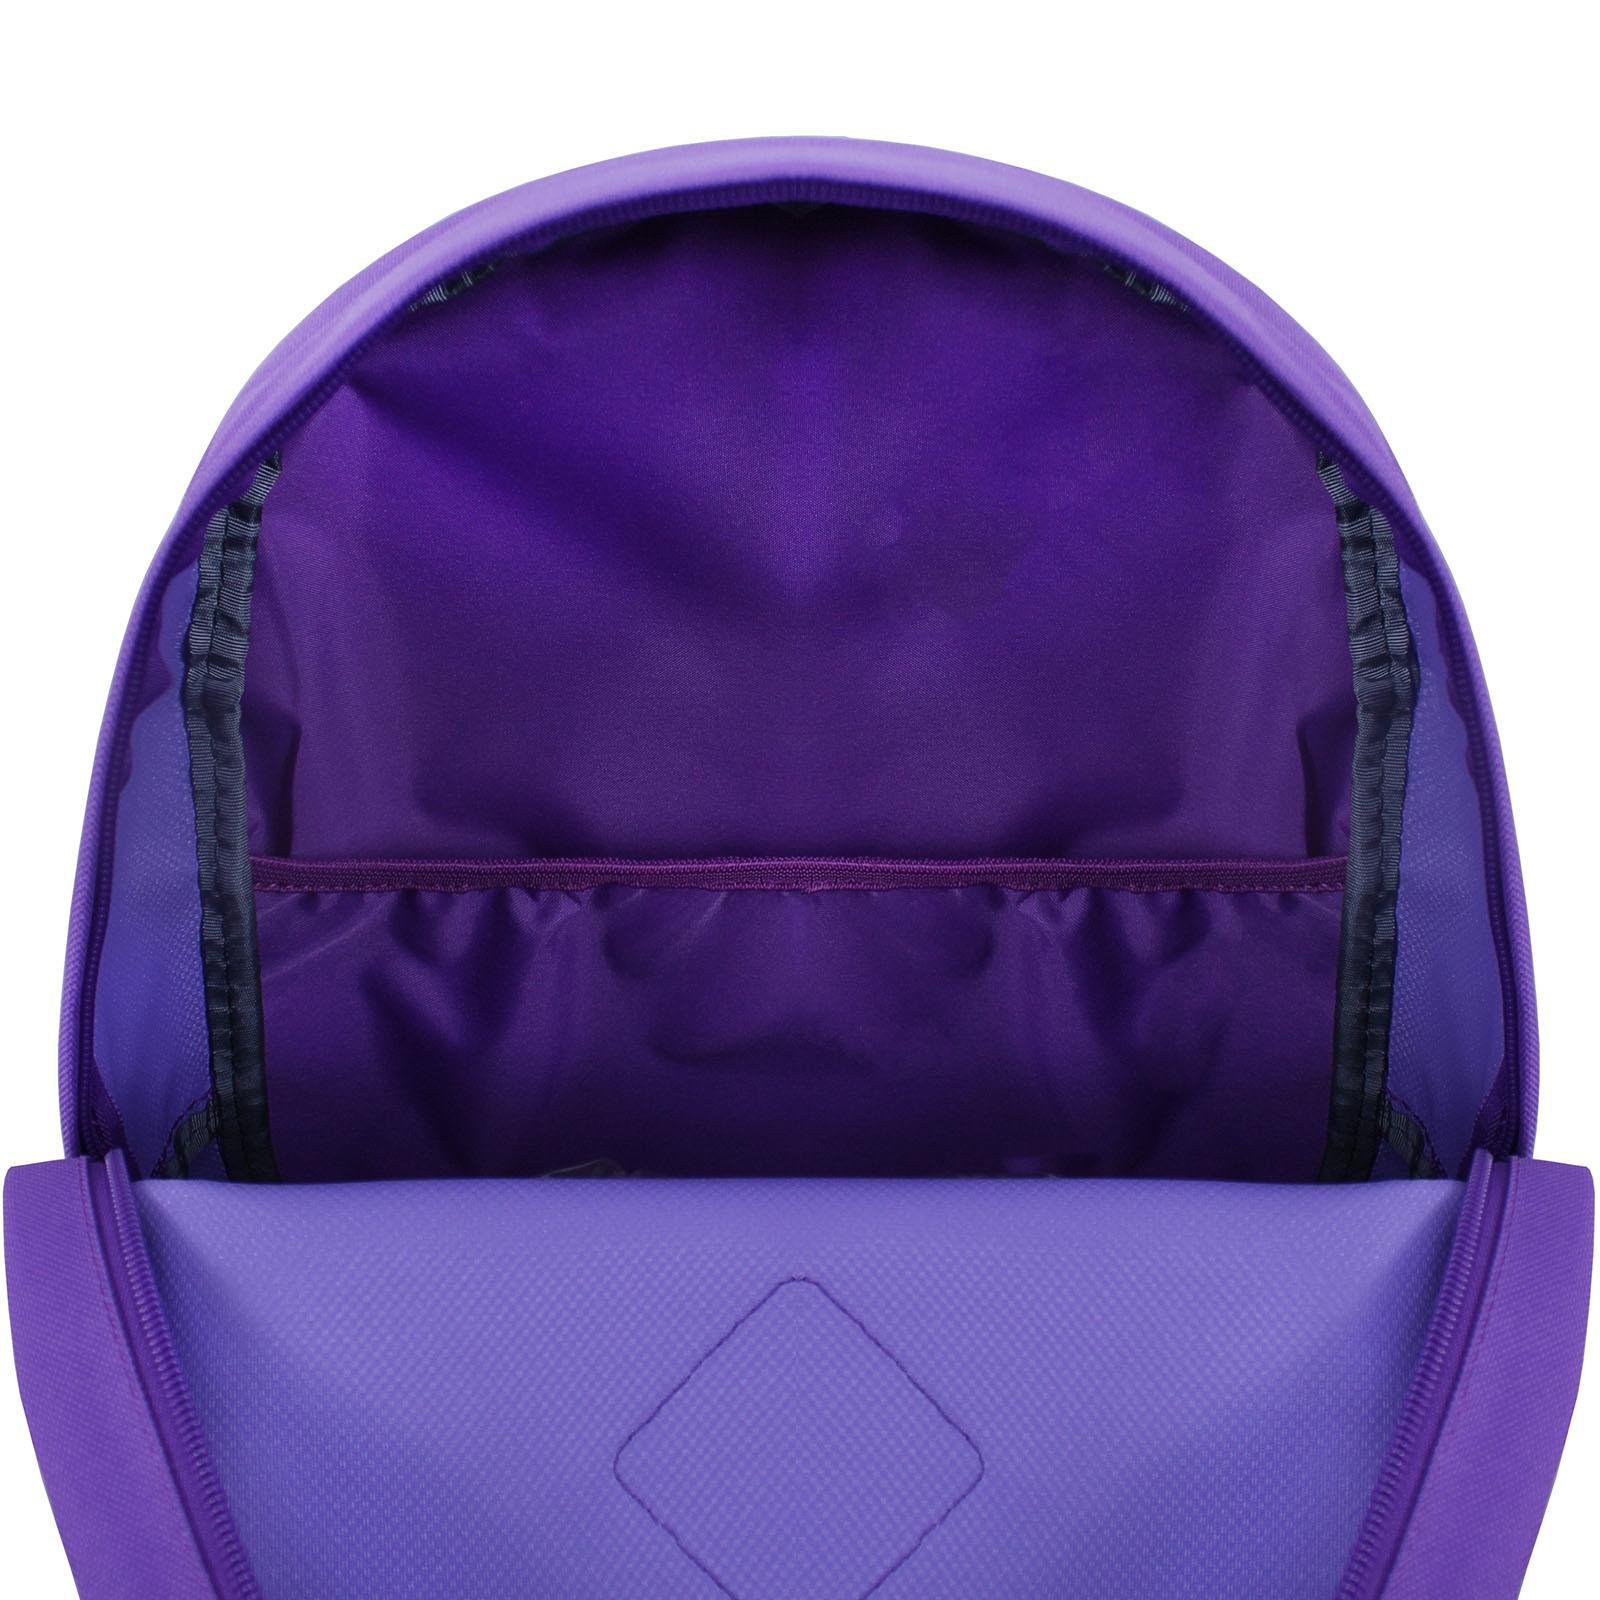 Рюкзак Bagland Молодежный W/R 17 л. 339 Фиолетовый 745 (00533662) фото 5